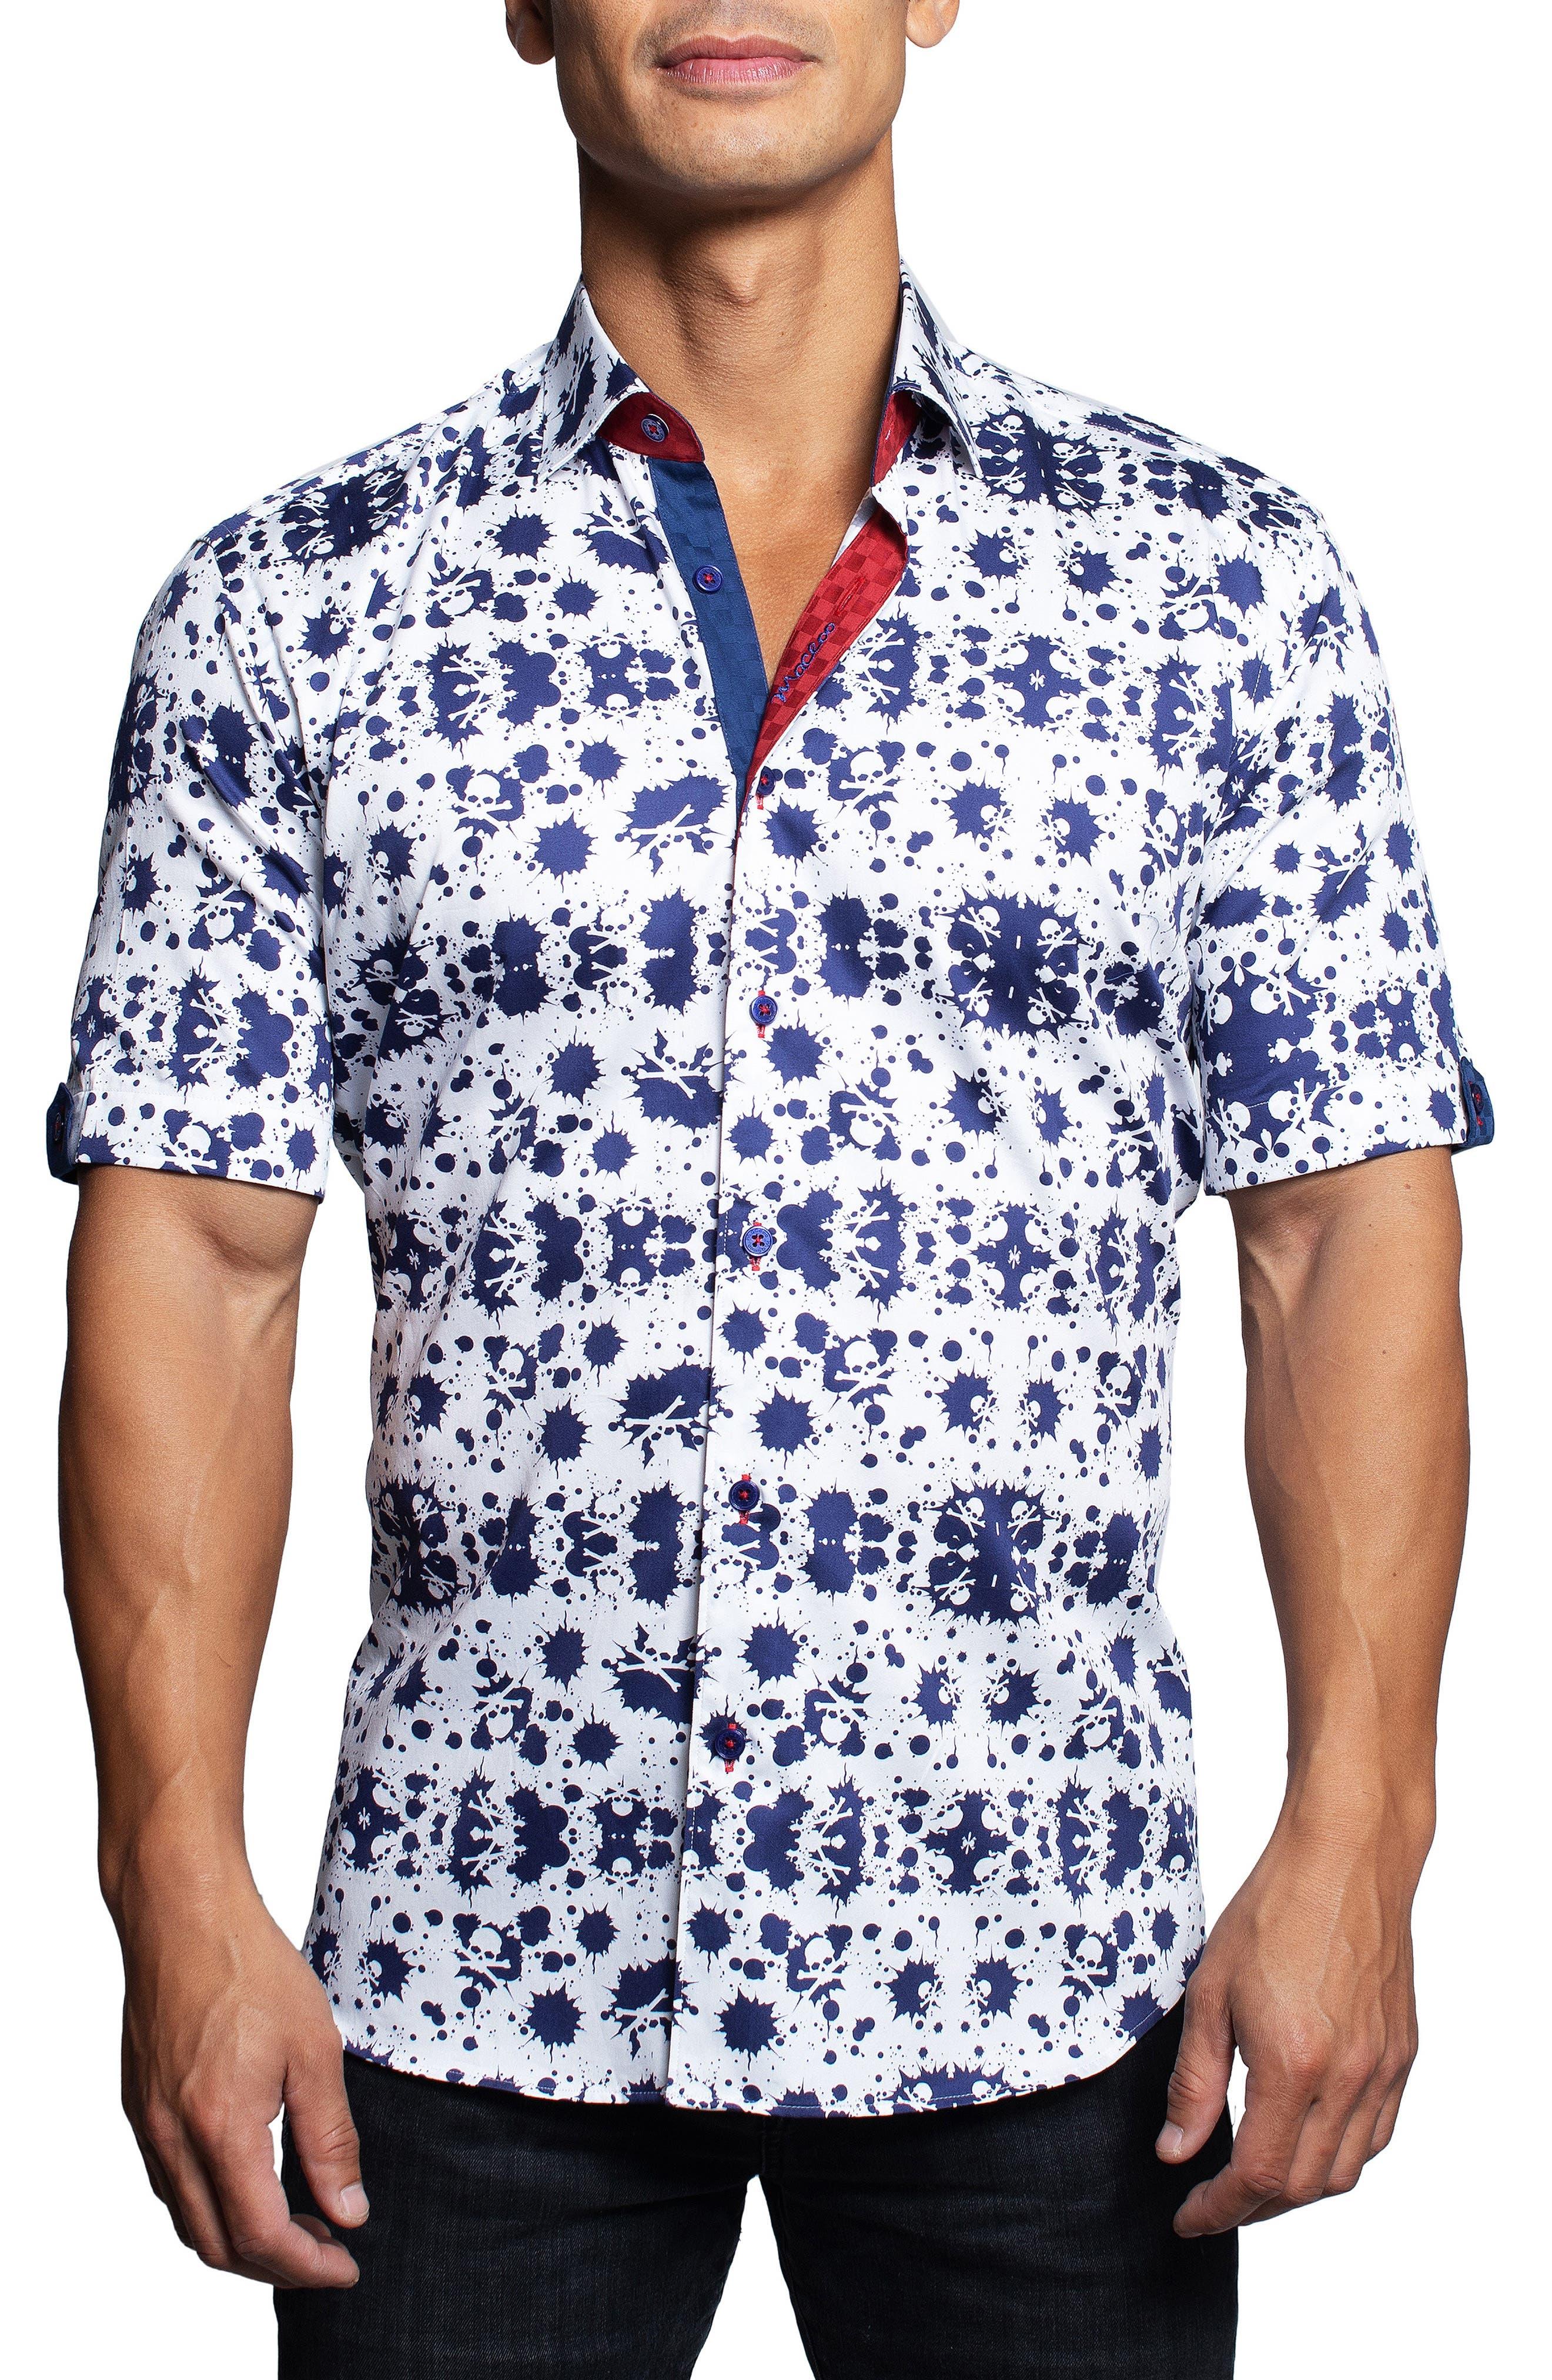 Galileo Splashskull Short Sleeve Button-Up Shirt